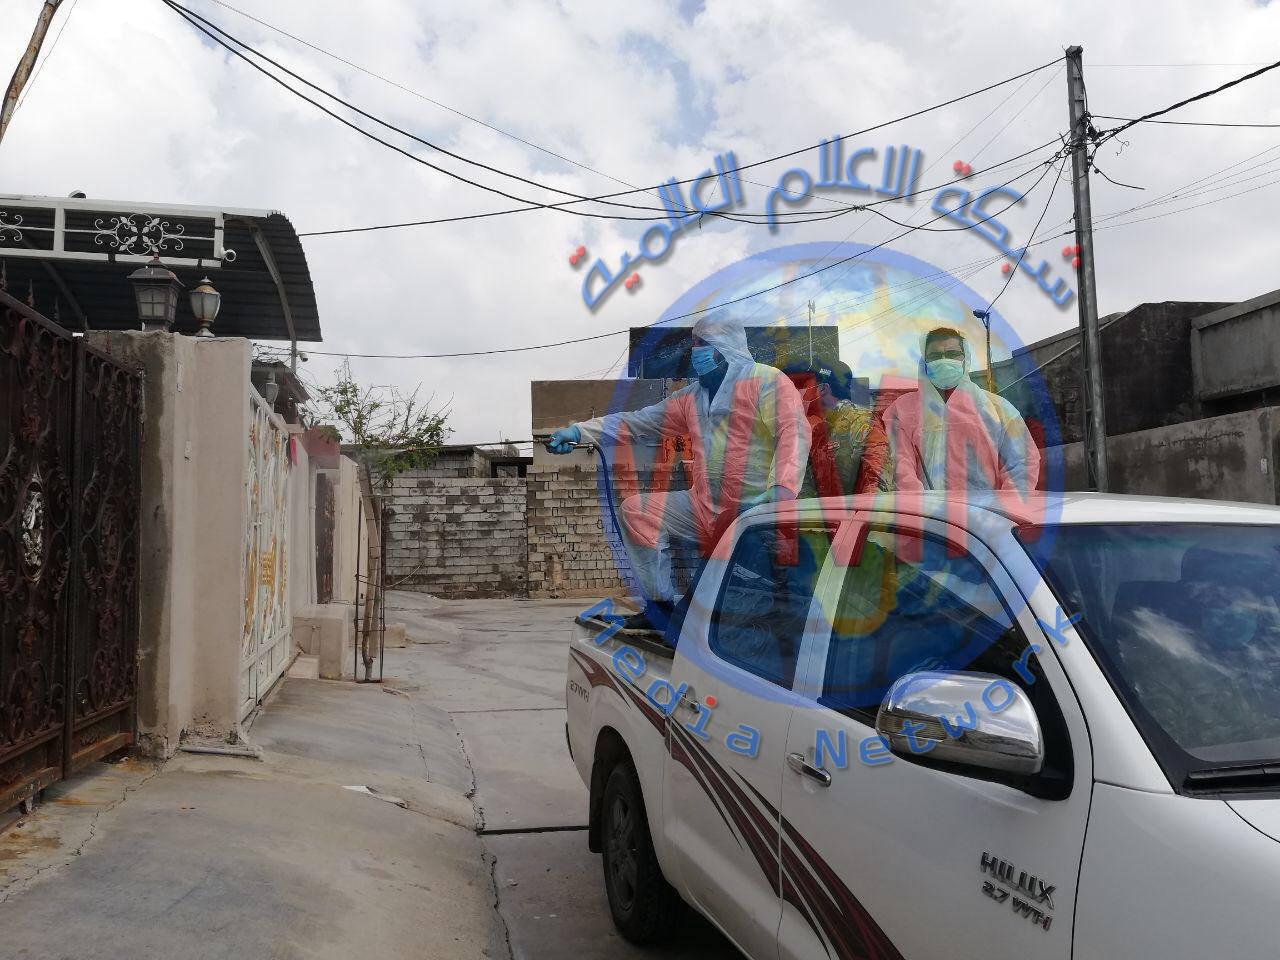 اللواء 16 بالحشد الشعبي يعفر 4 مناطق في كركوك (صور)